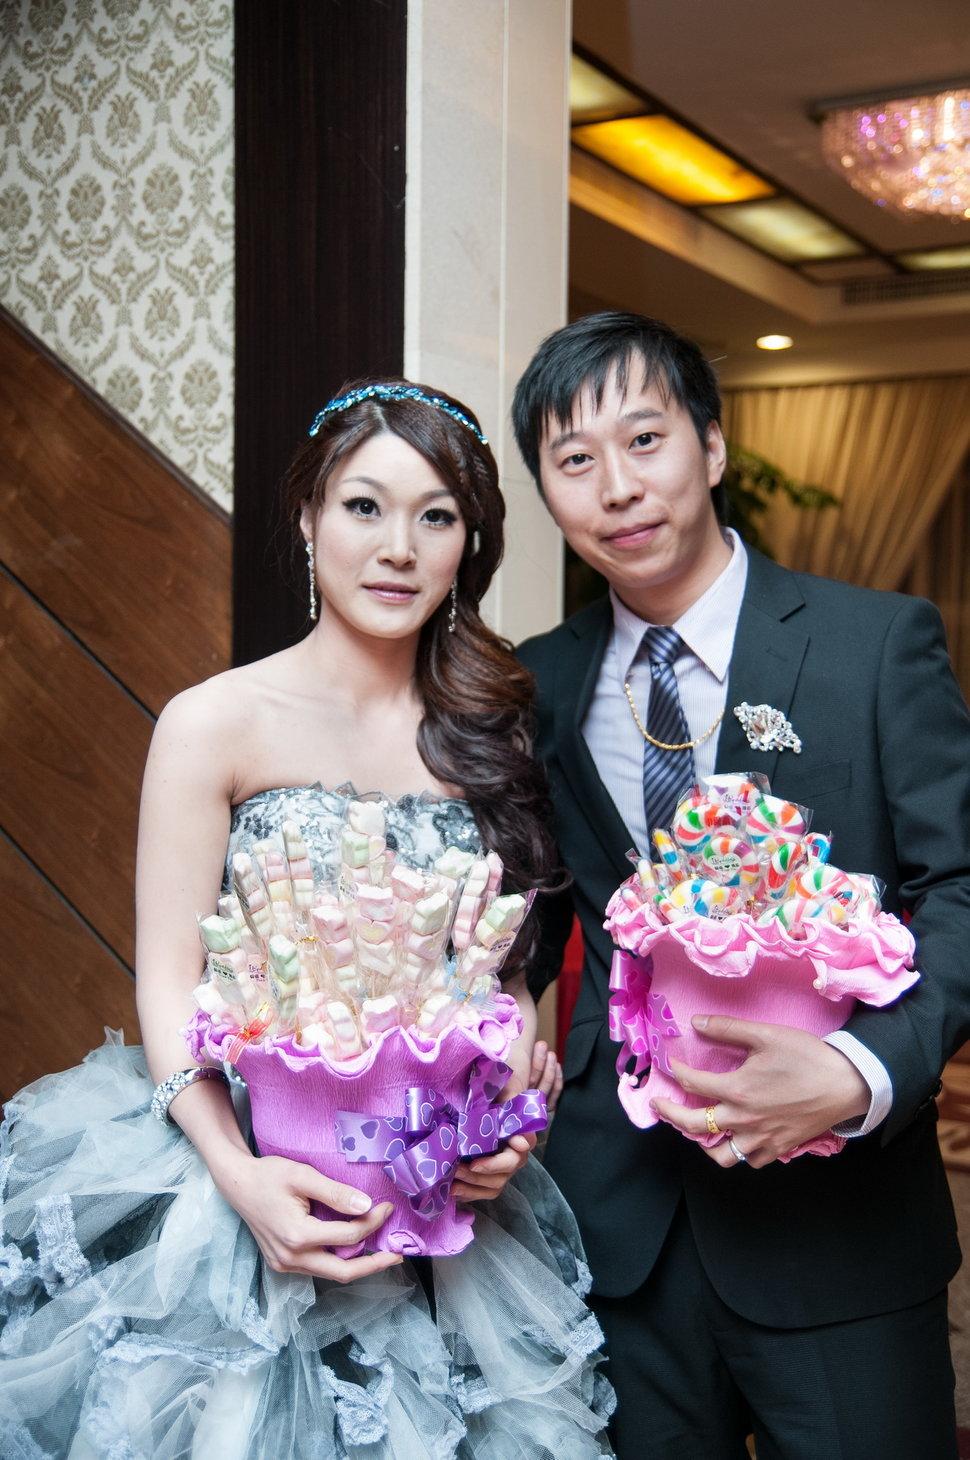 [金門] 葡京餐廳 | 迎娶 + 晚宴(編號:516476) - Daco  攝影工作室 - 結婚吧